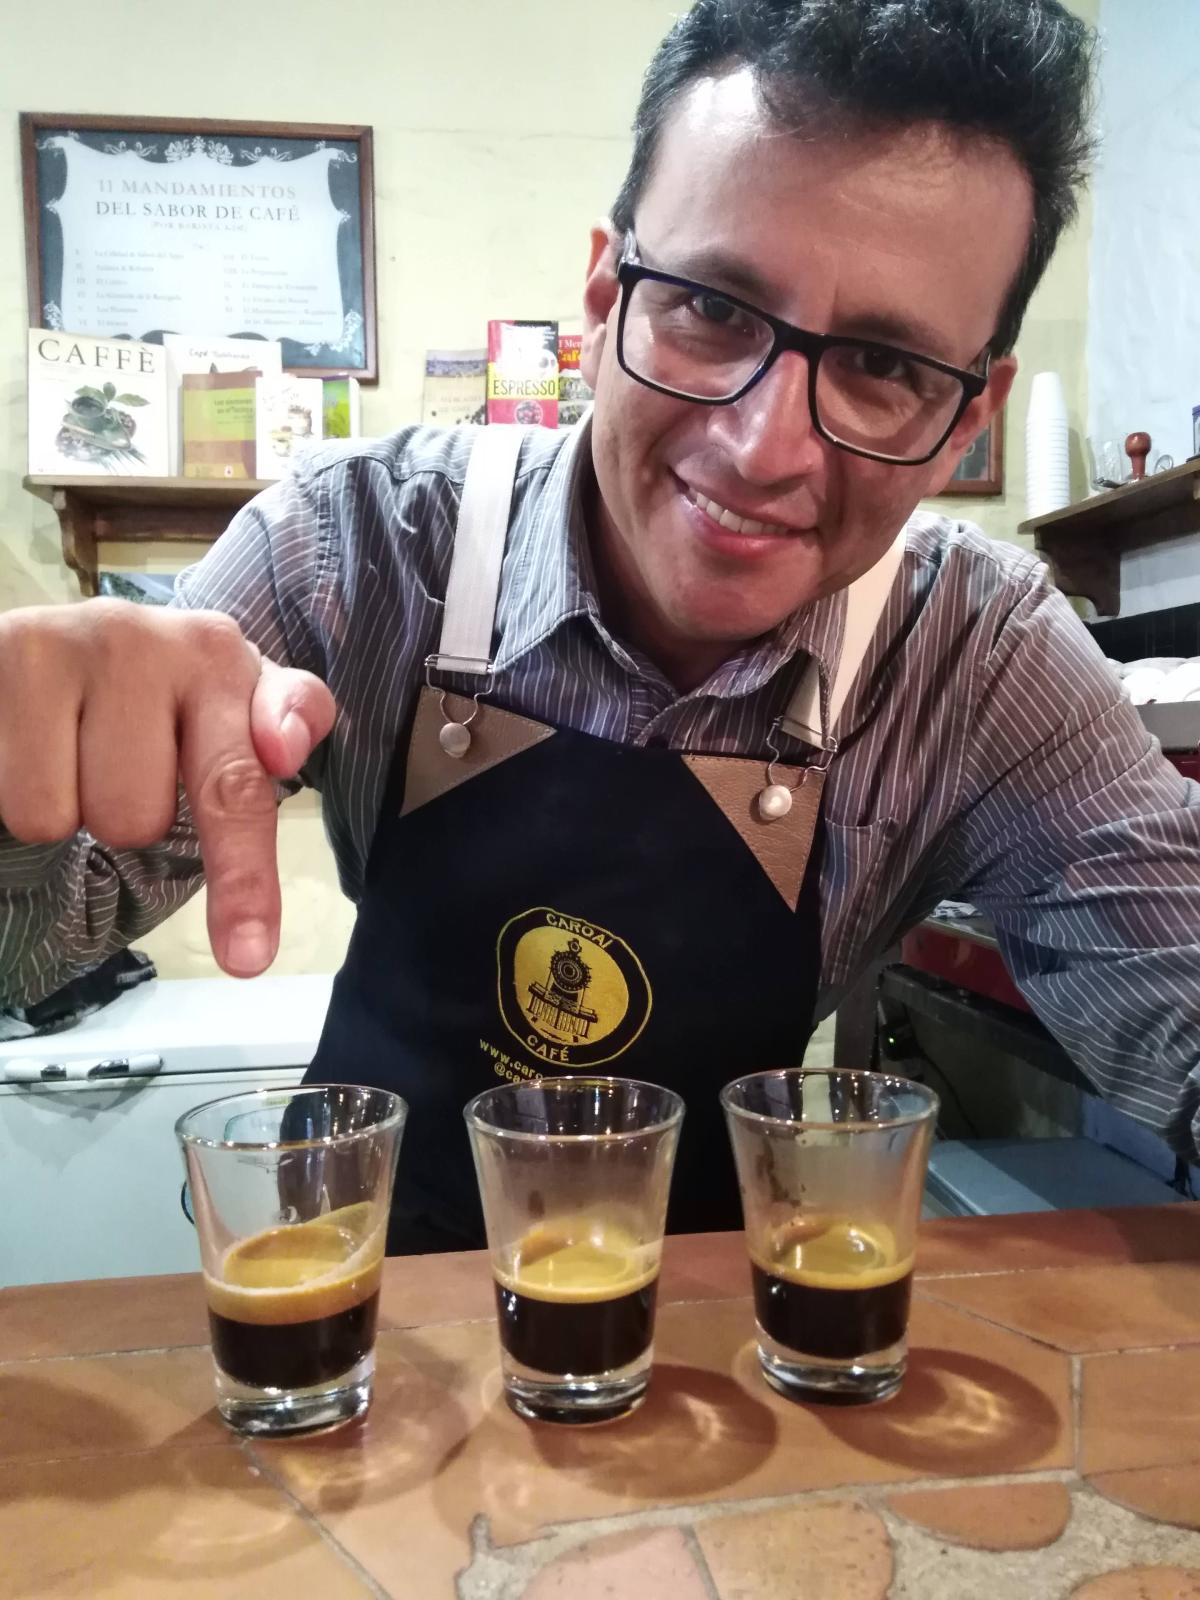 Caroai Cafe es cafe de origen, maneja su propio cultivo